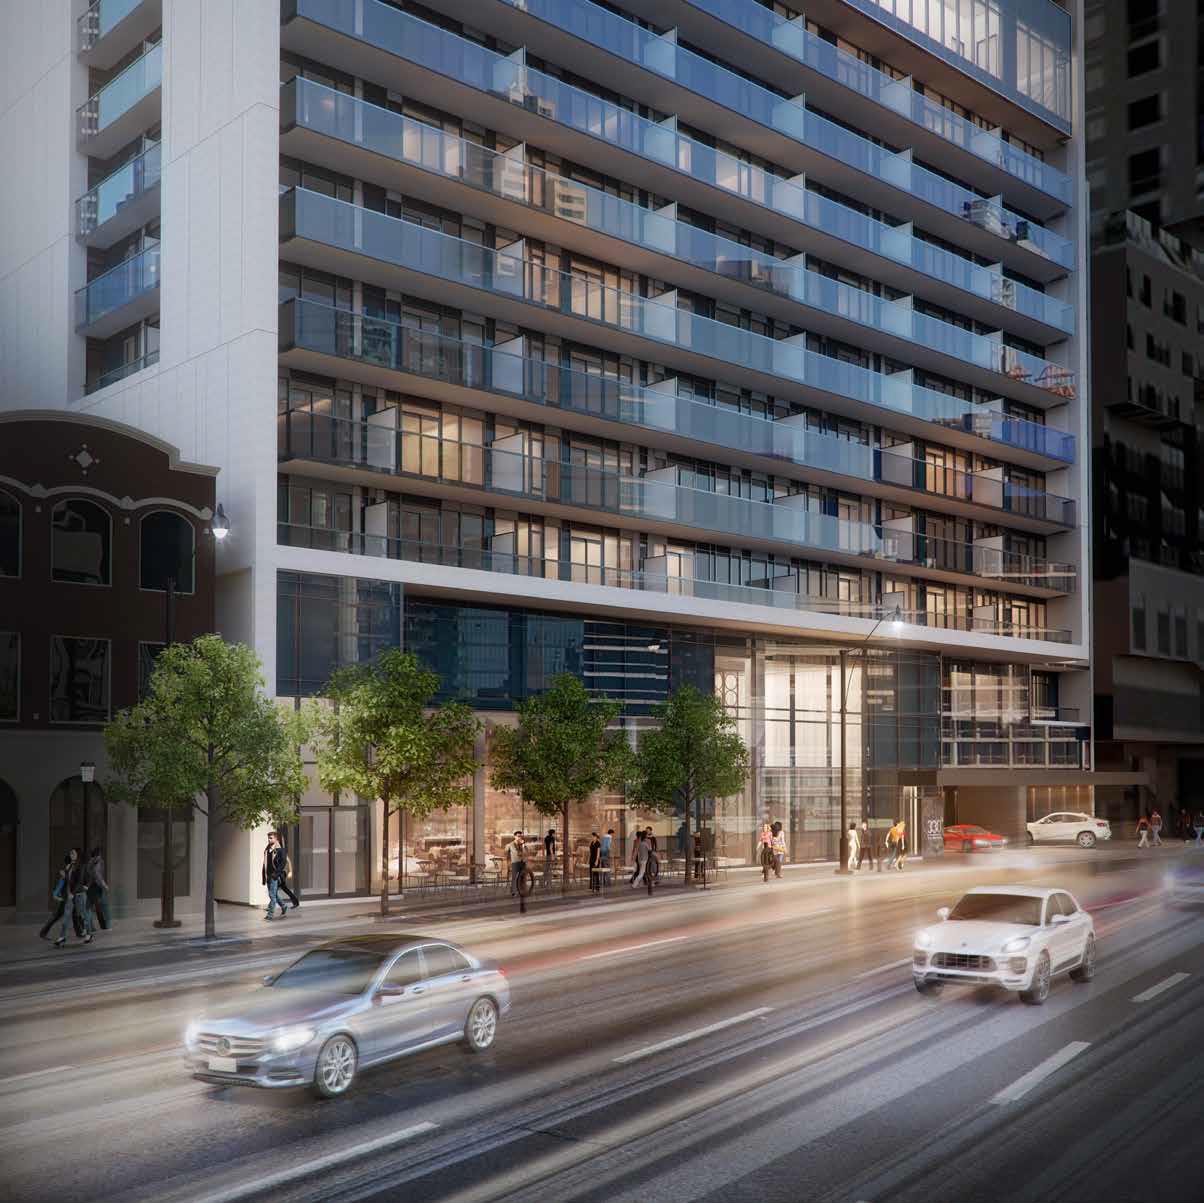 330 Richmond Condo - project